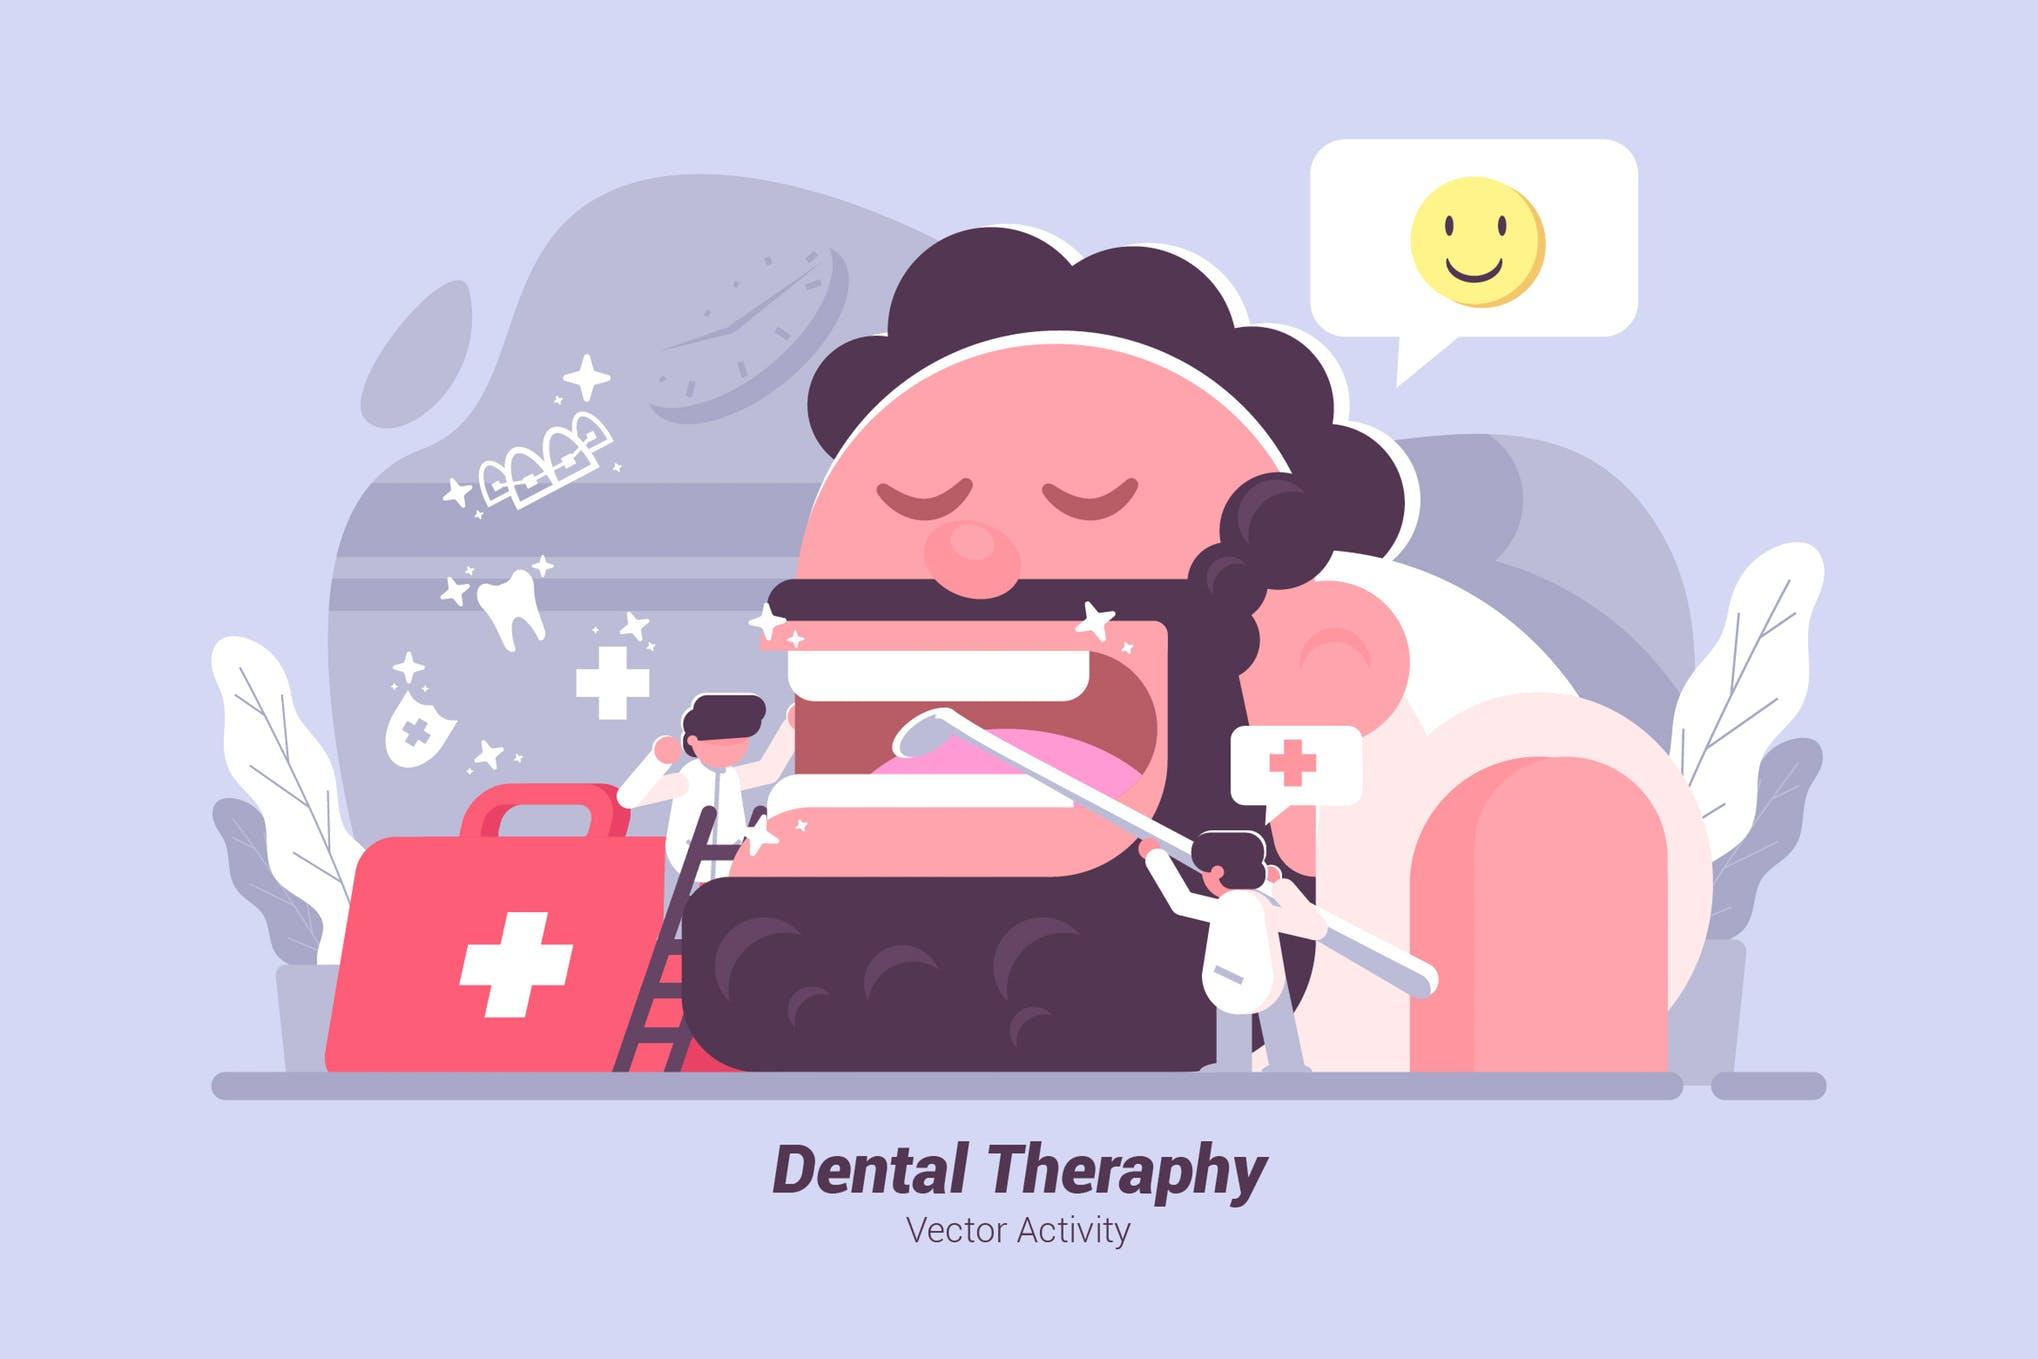 牙齿护理医疗场景创意插画素材下载Dental Theraphy - Vector Illustration